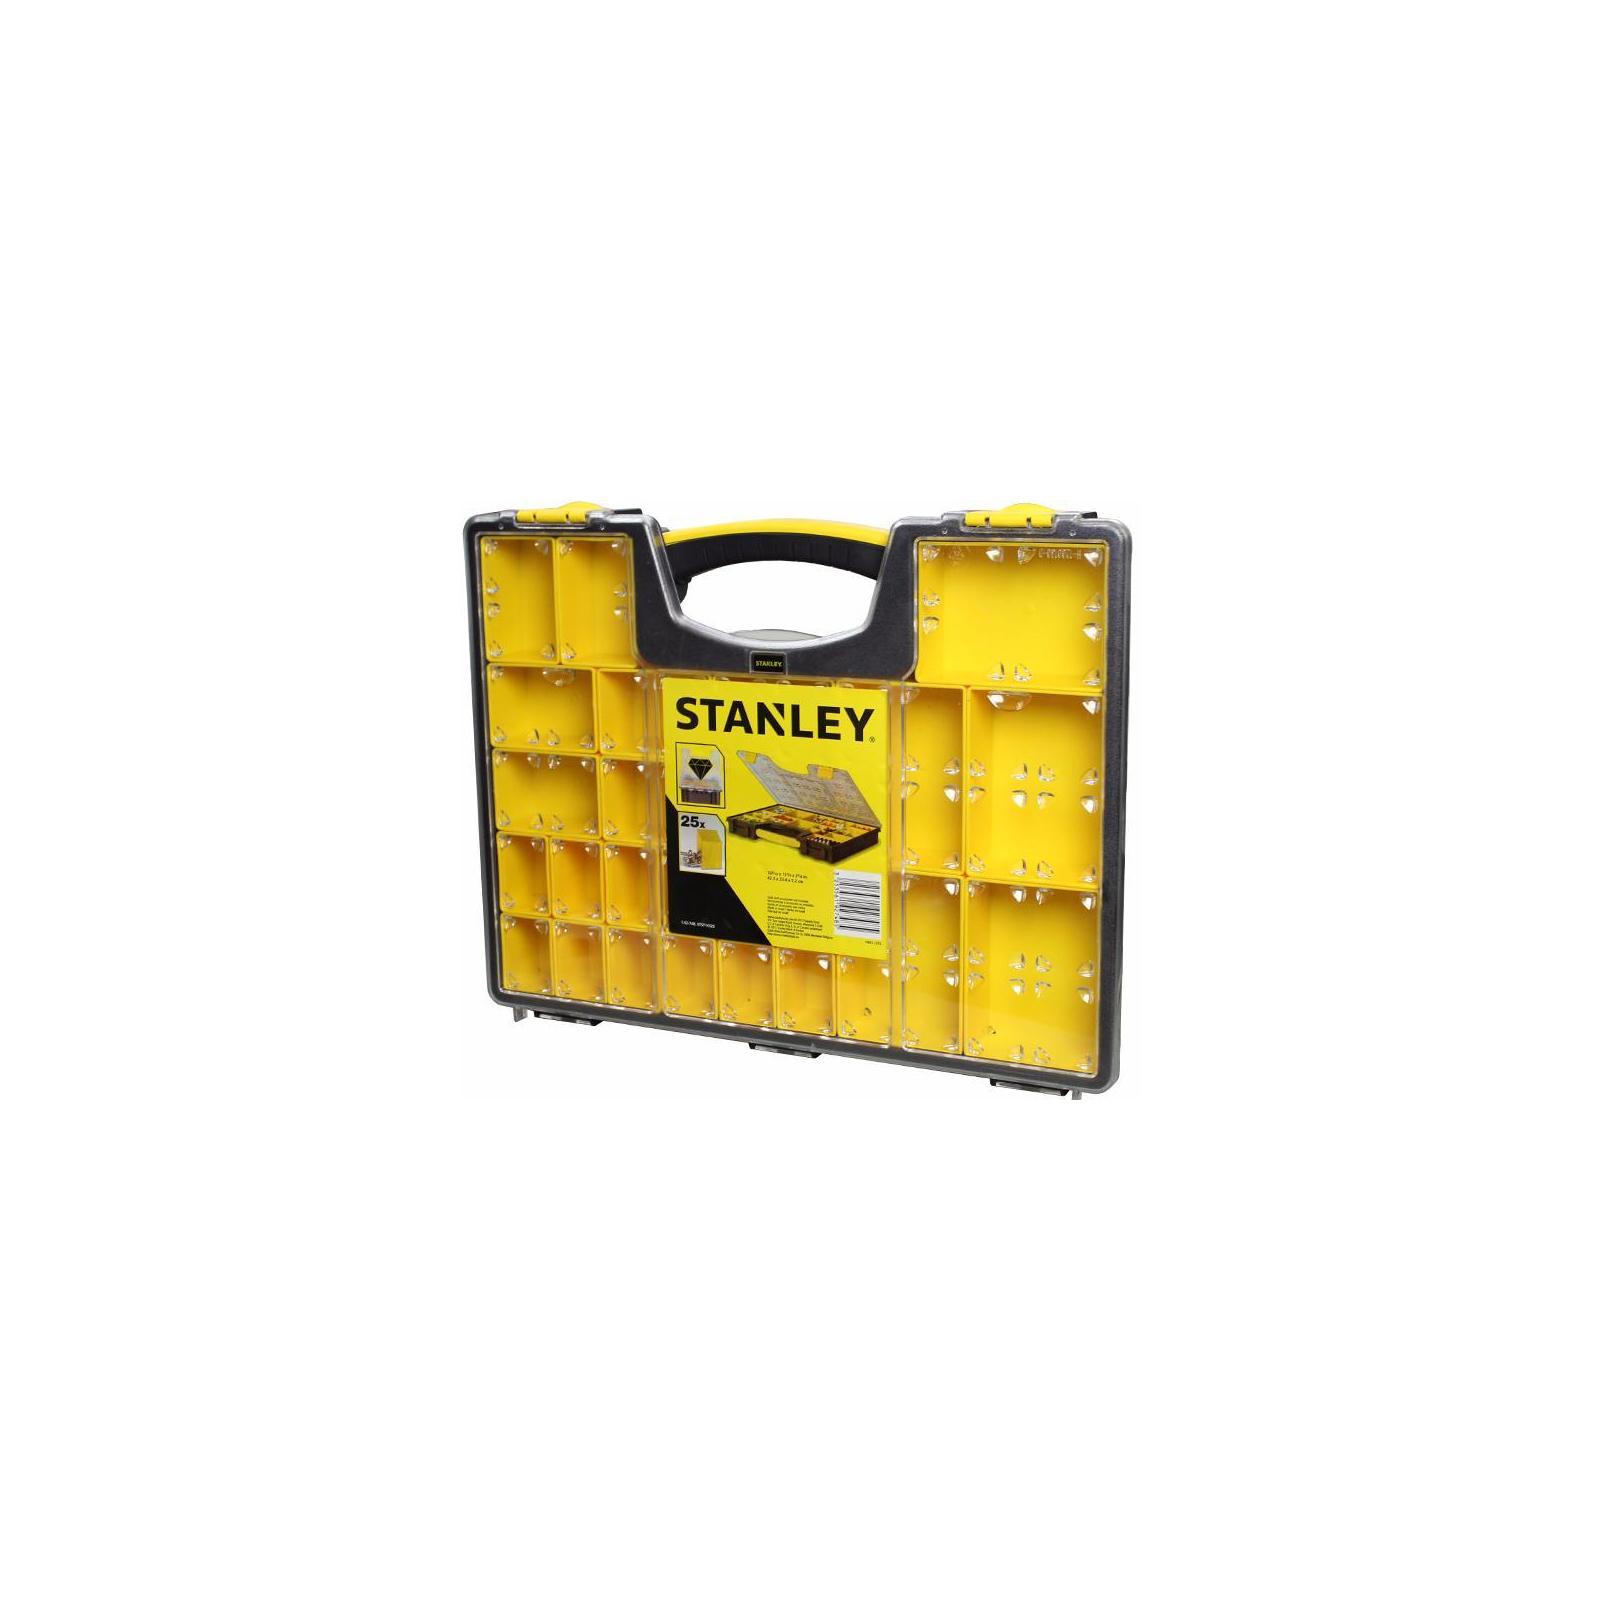 Ящик для инструментов Stanley органайзер профессиональный (422х52х334 мм) (1-92-748) изображение 2